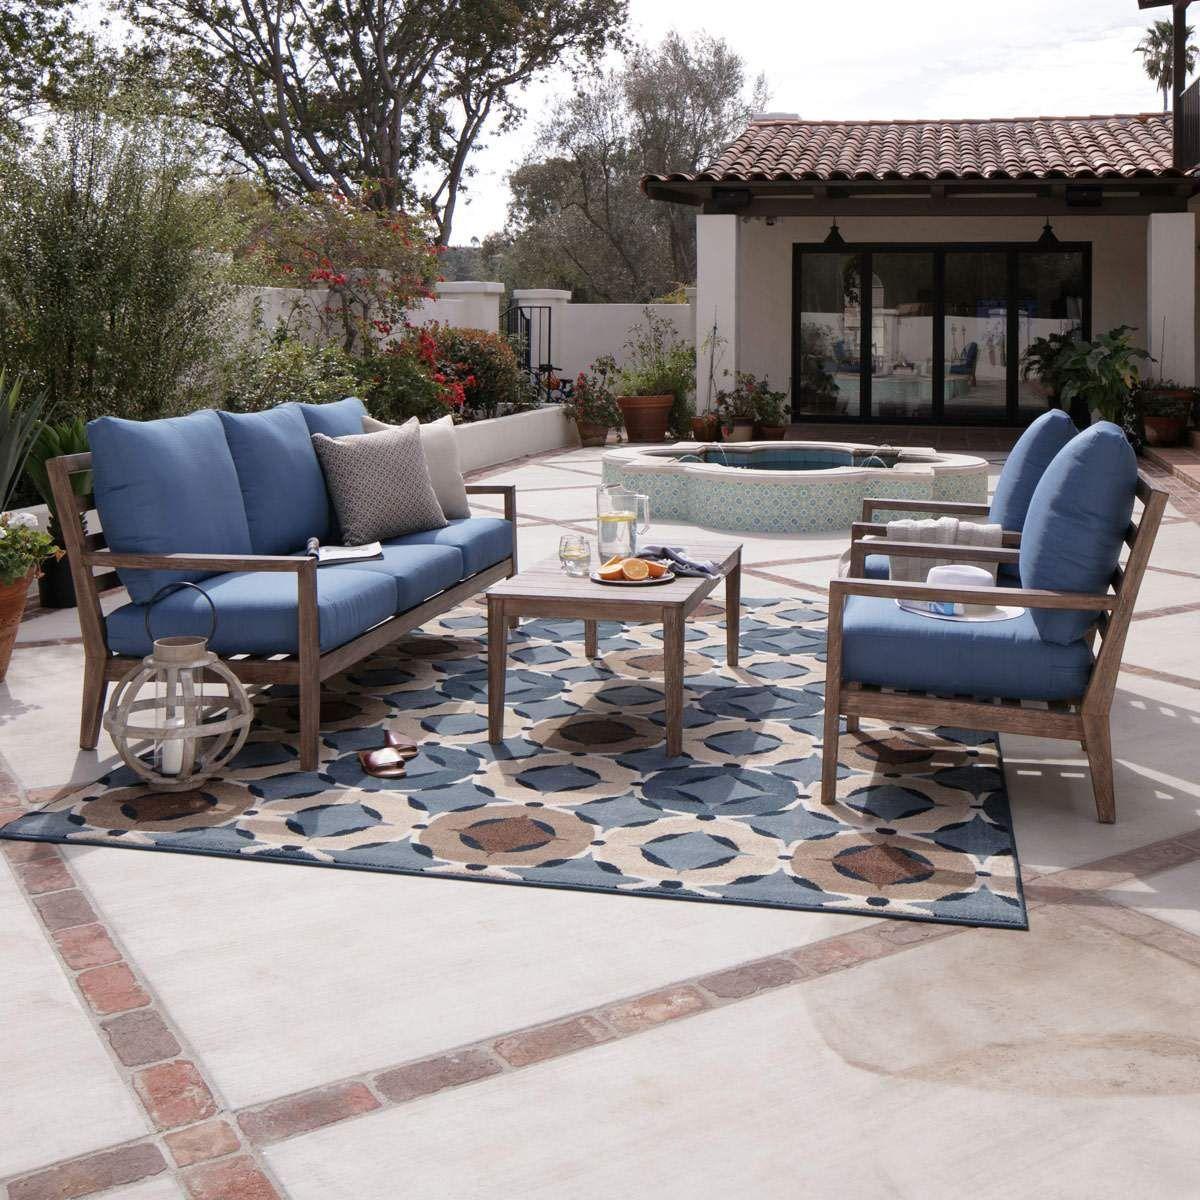 Aruba Sofa & 2 Club Chairs In Natural Home Patio